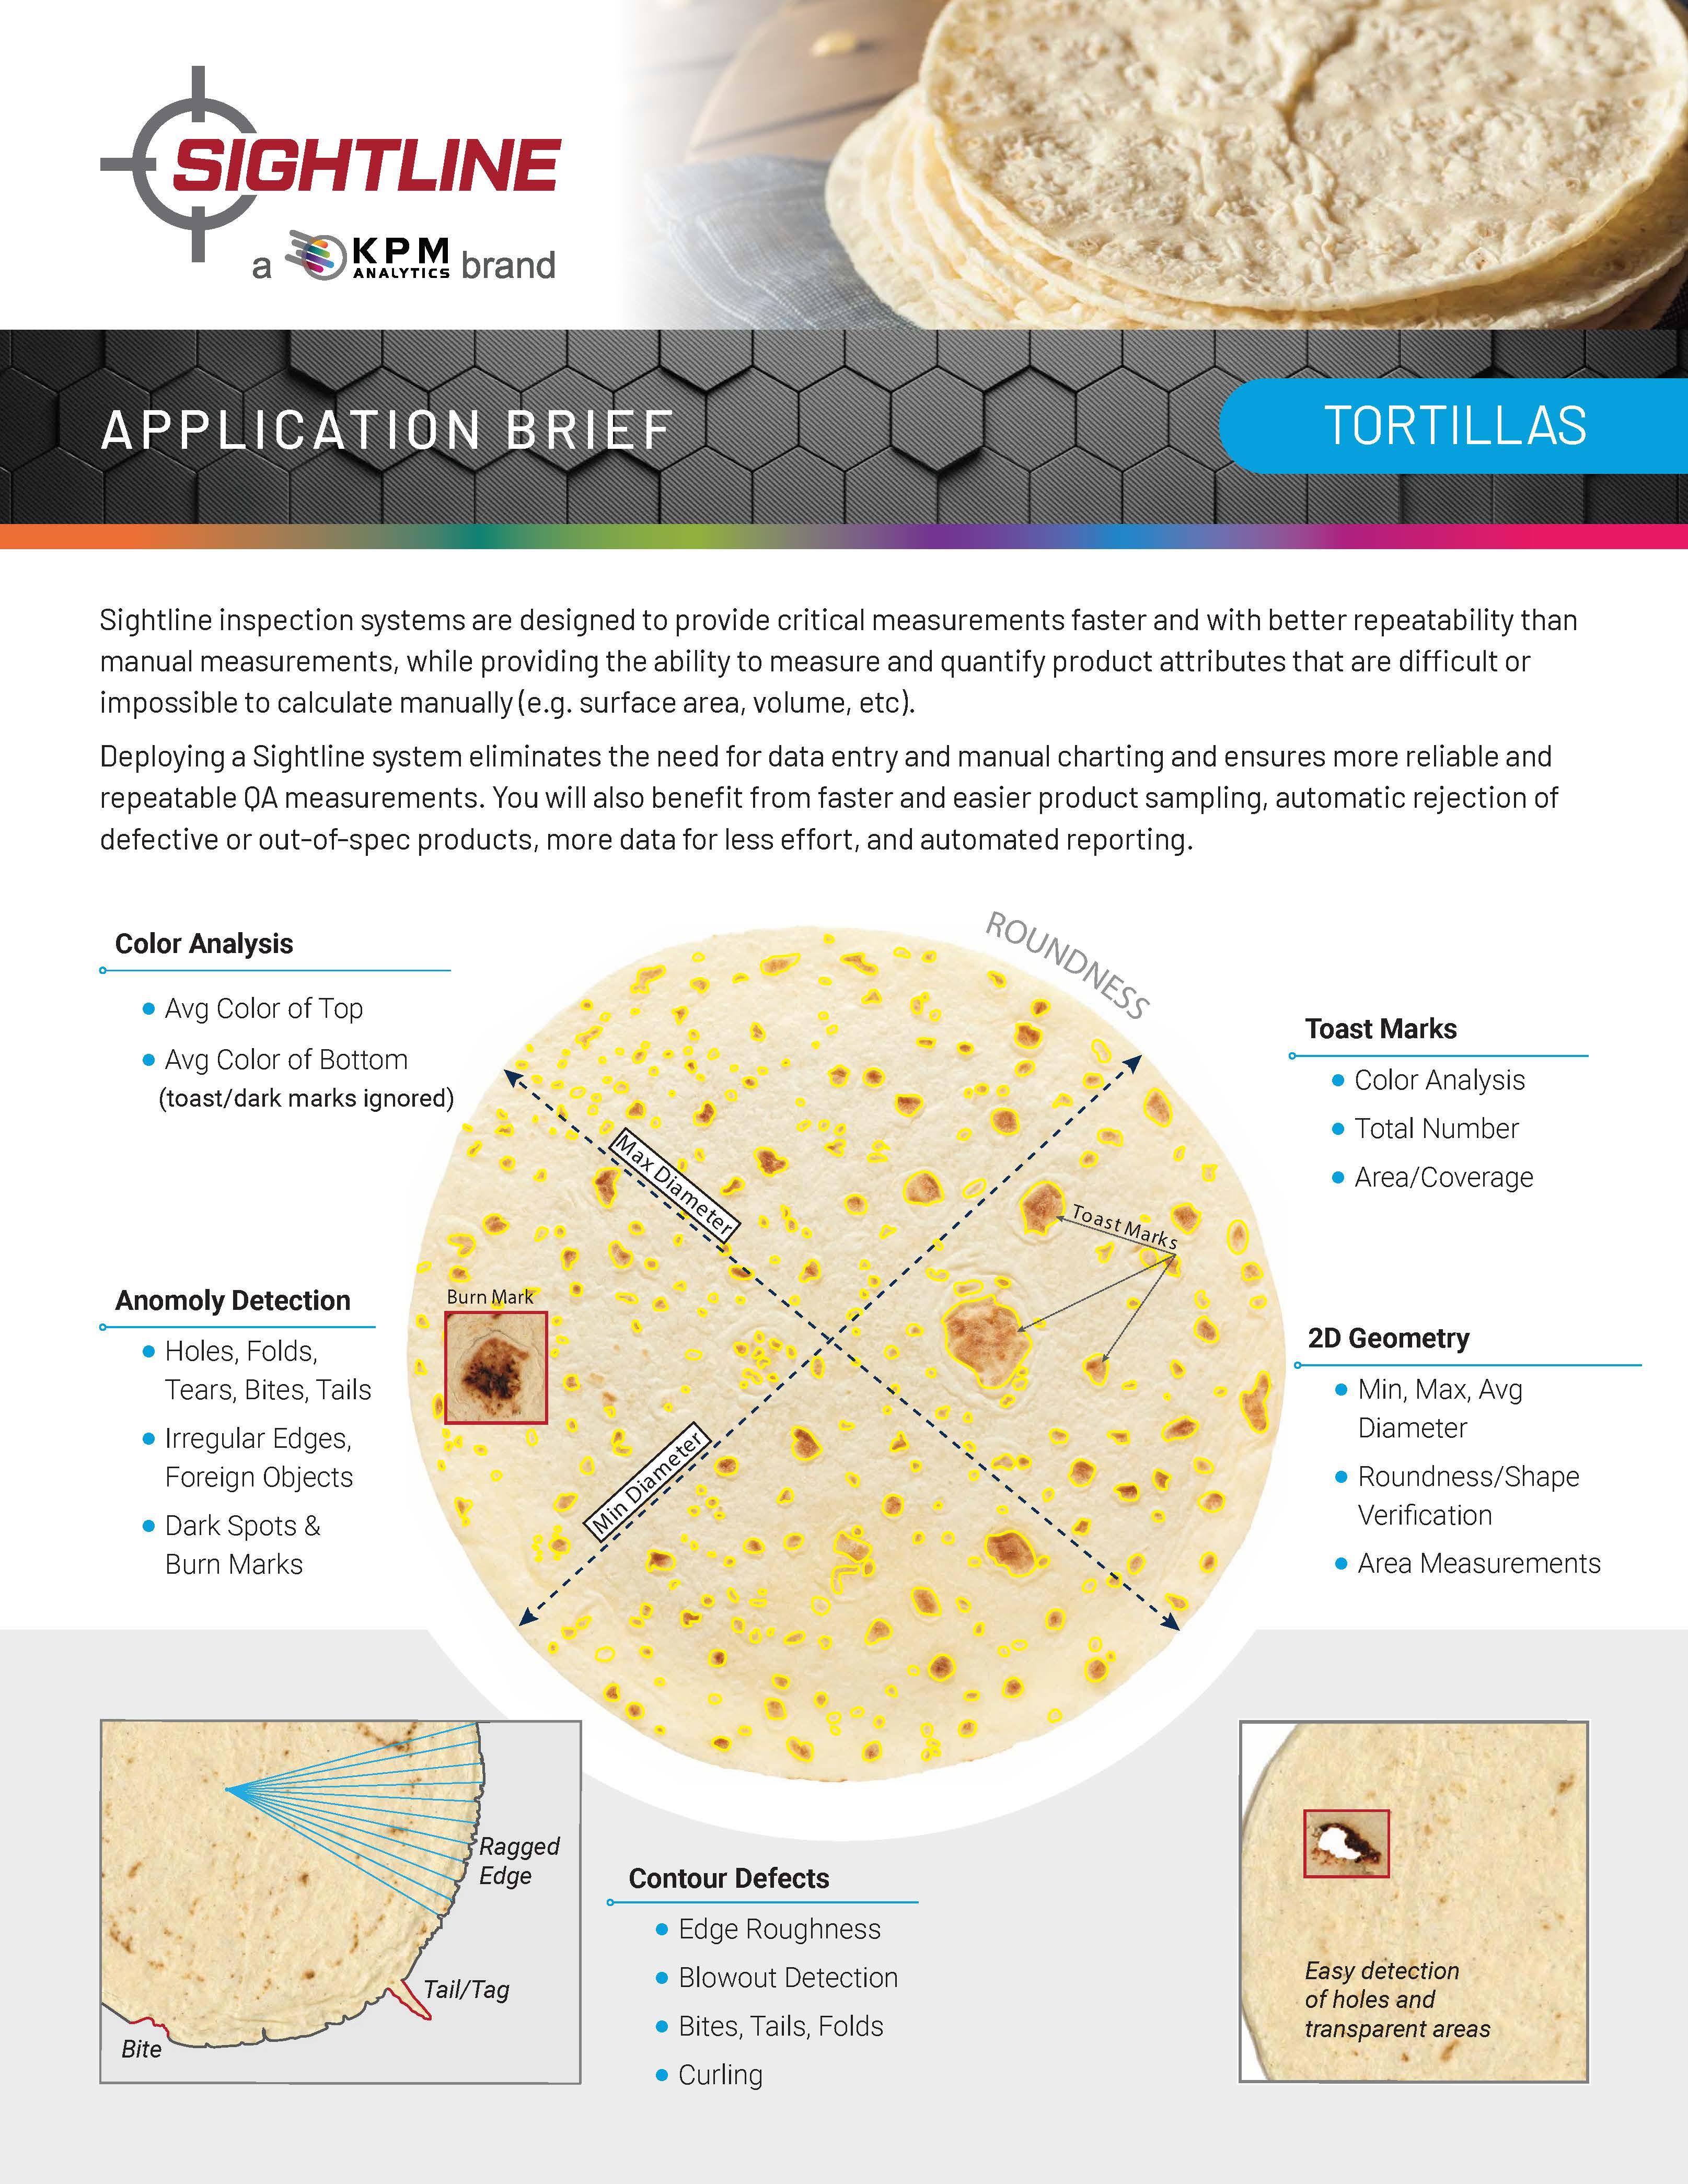 Vision Inspection of Tortillas